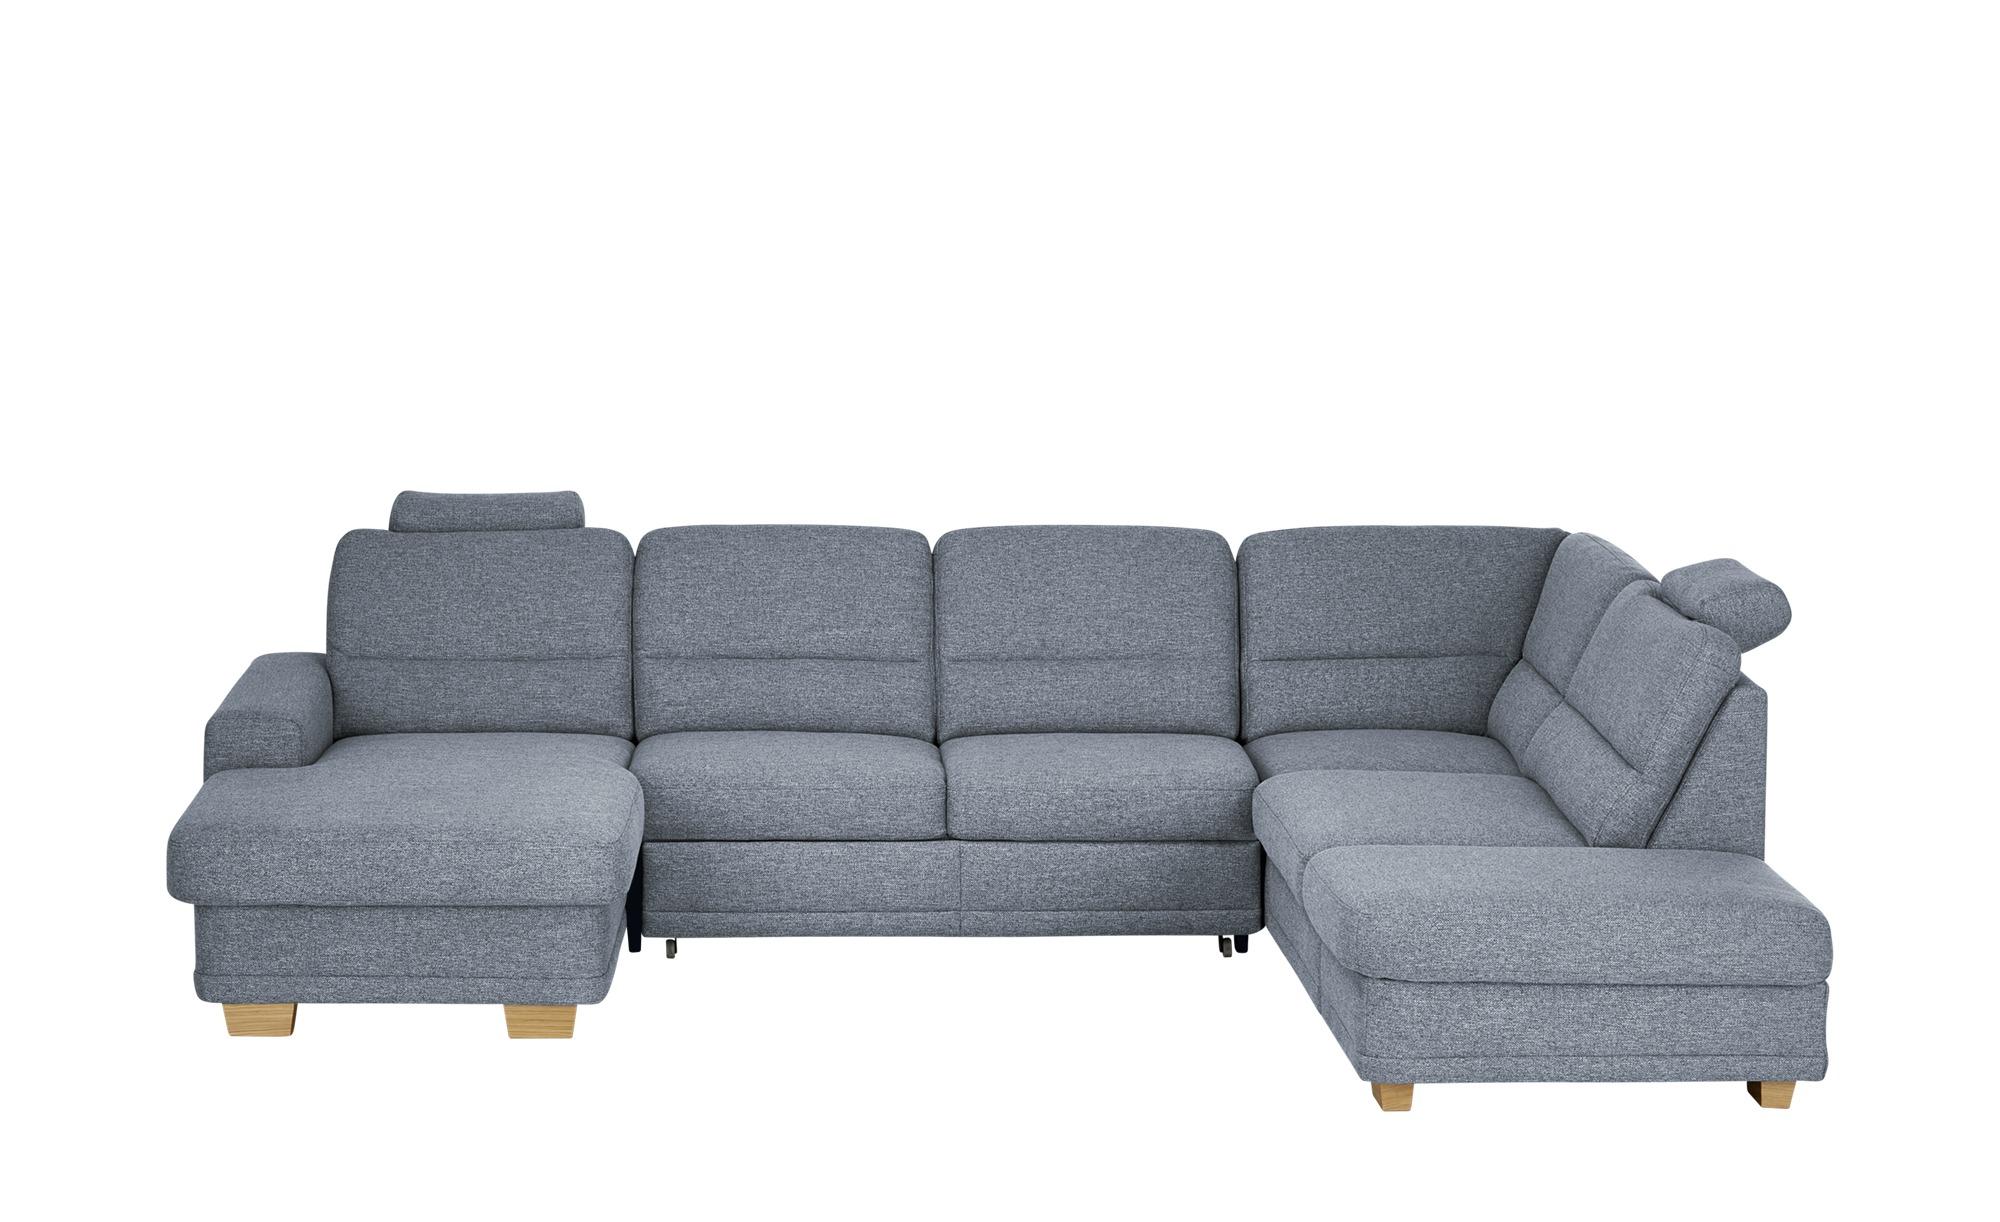 meinSofa Wohnlandschaft grau - Webstoff Marc ¦ blau ¦ Maße (cm): H: 85 Polstermöbel > Sofas > Schlafsofas - Höffner